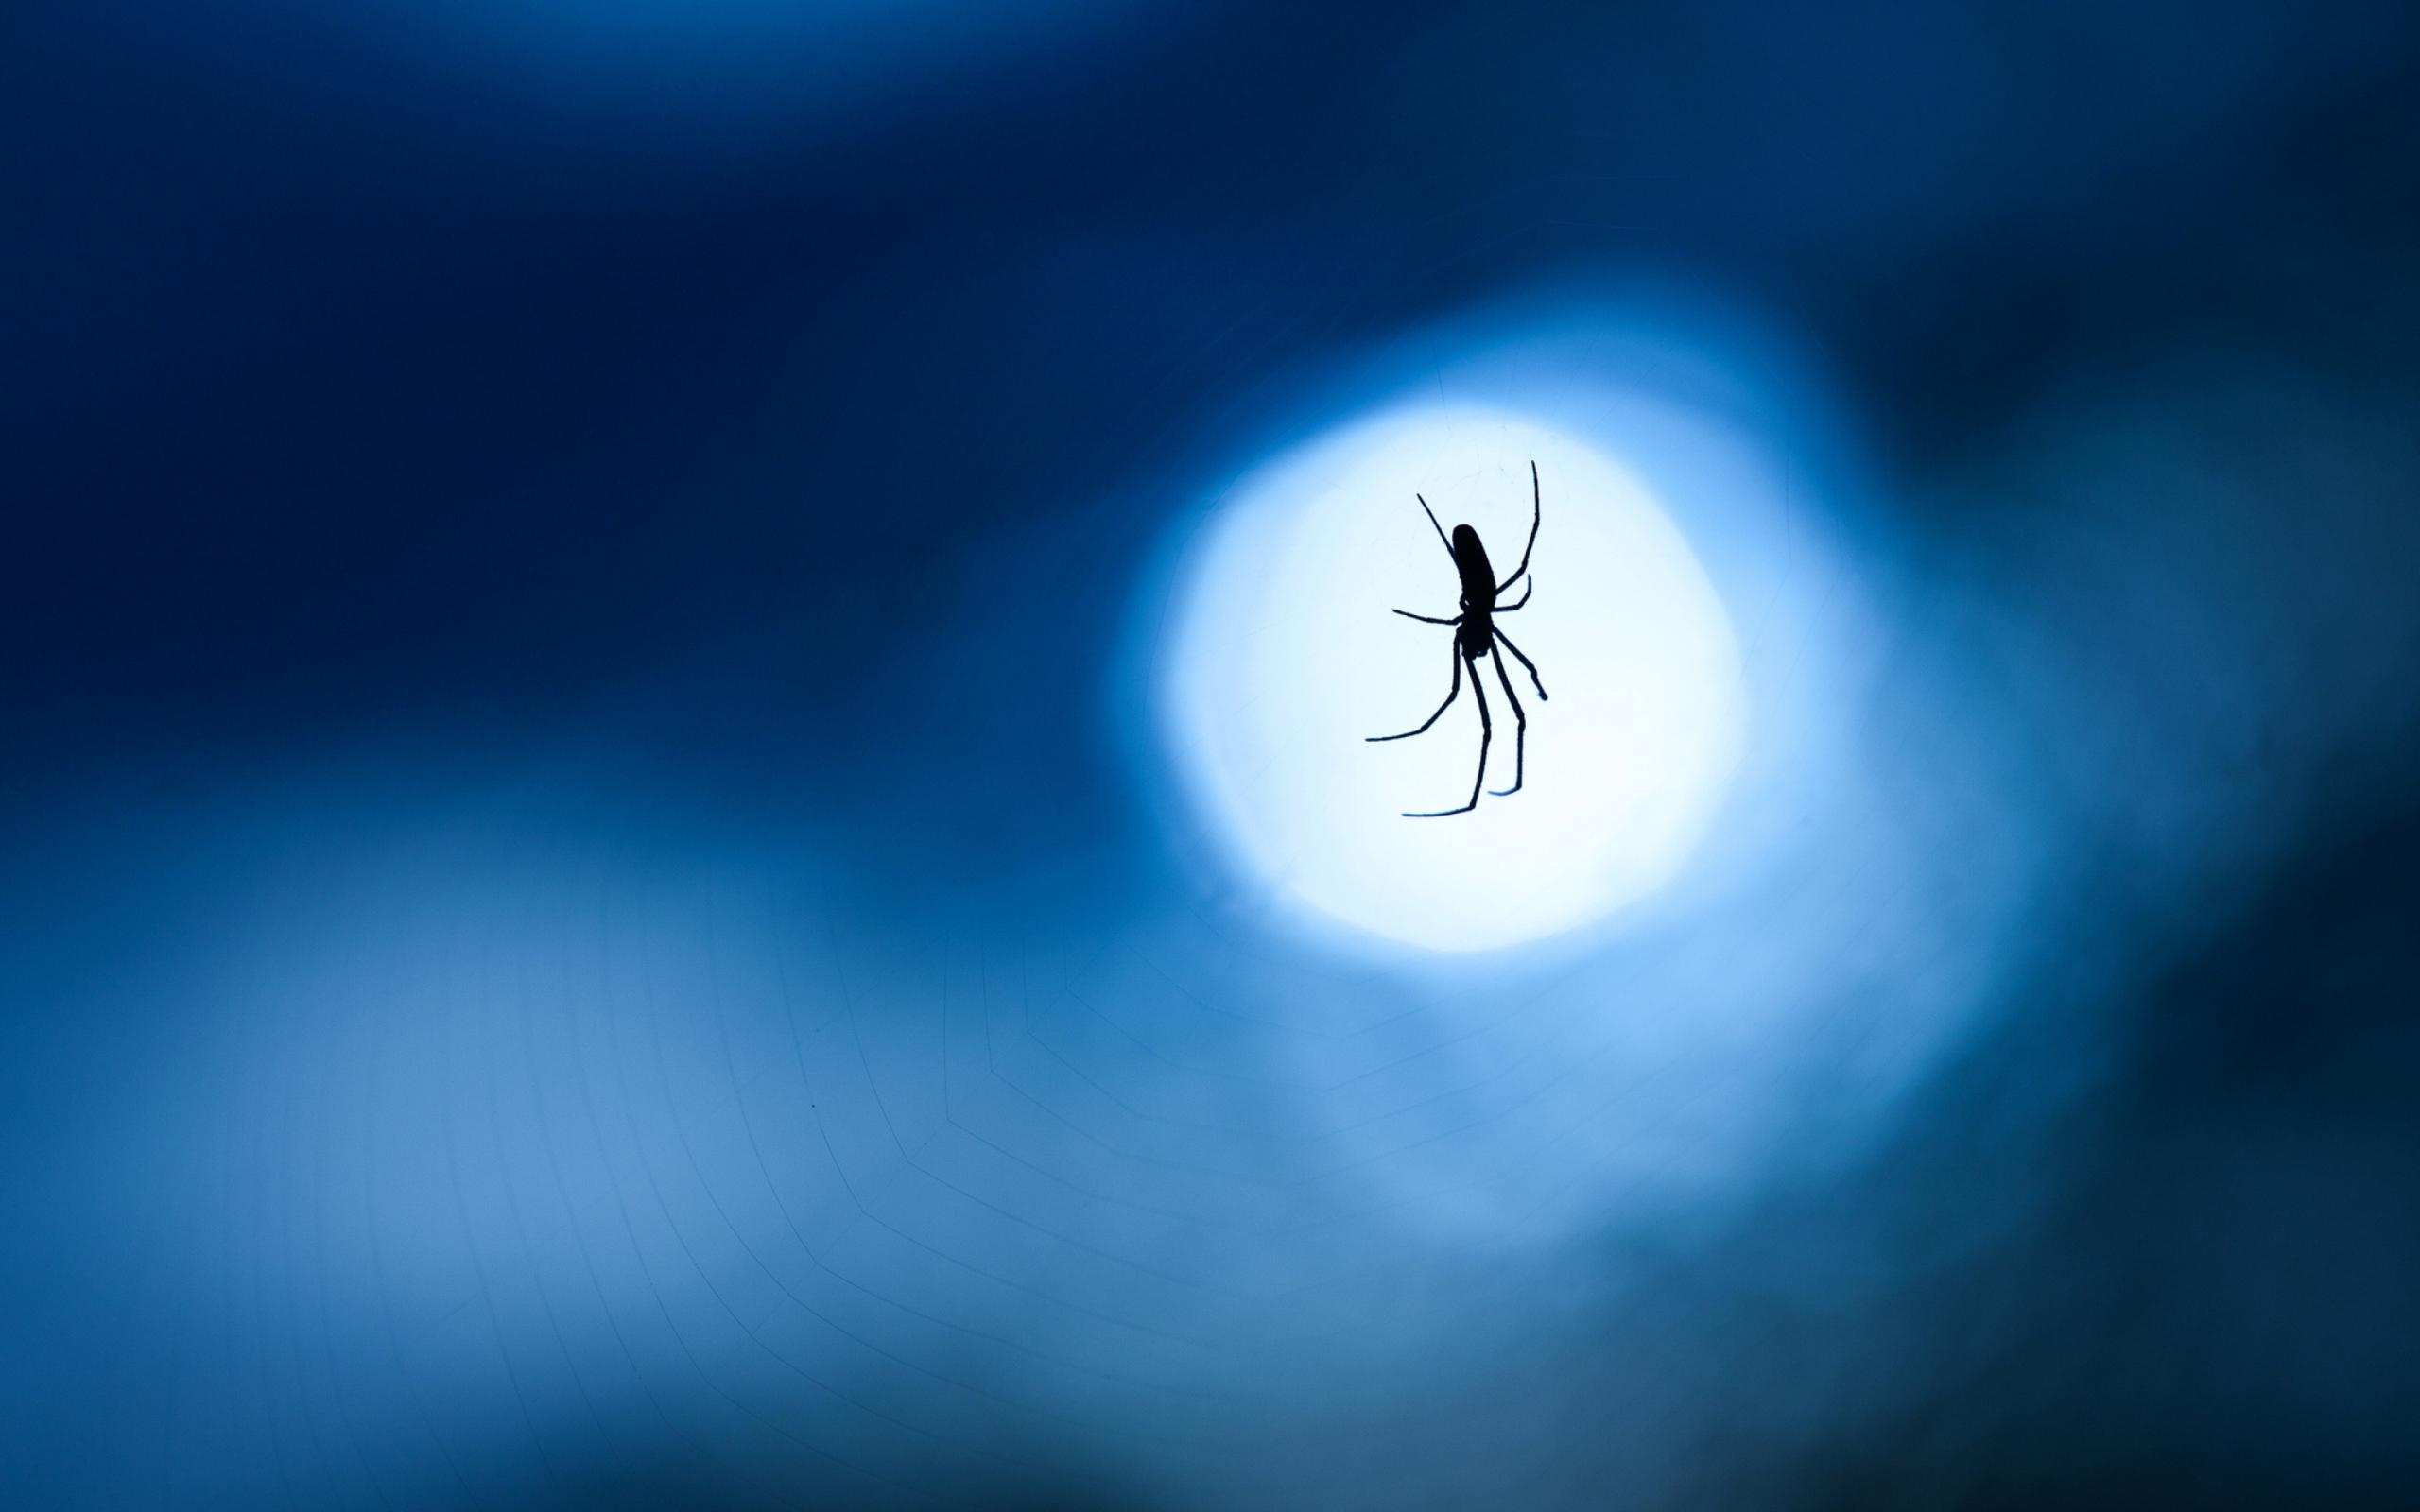 паук паутина скачать